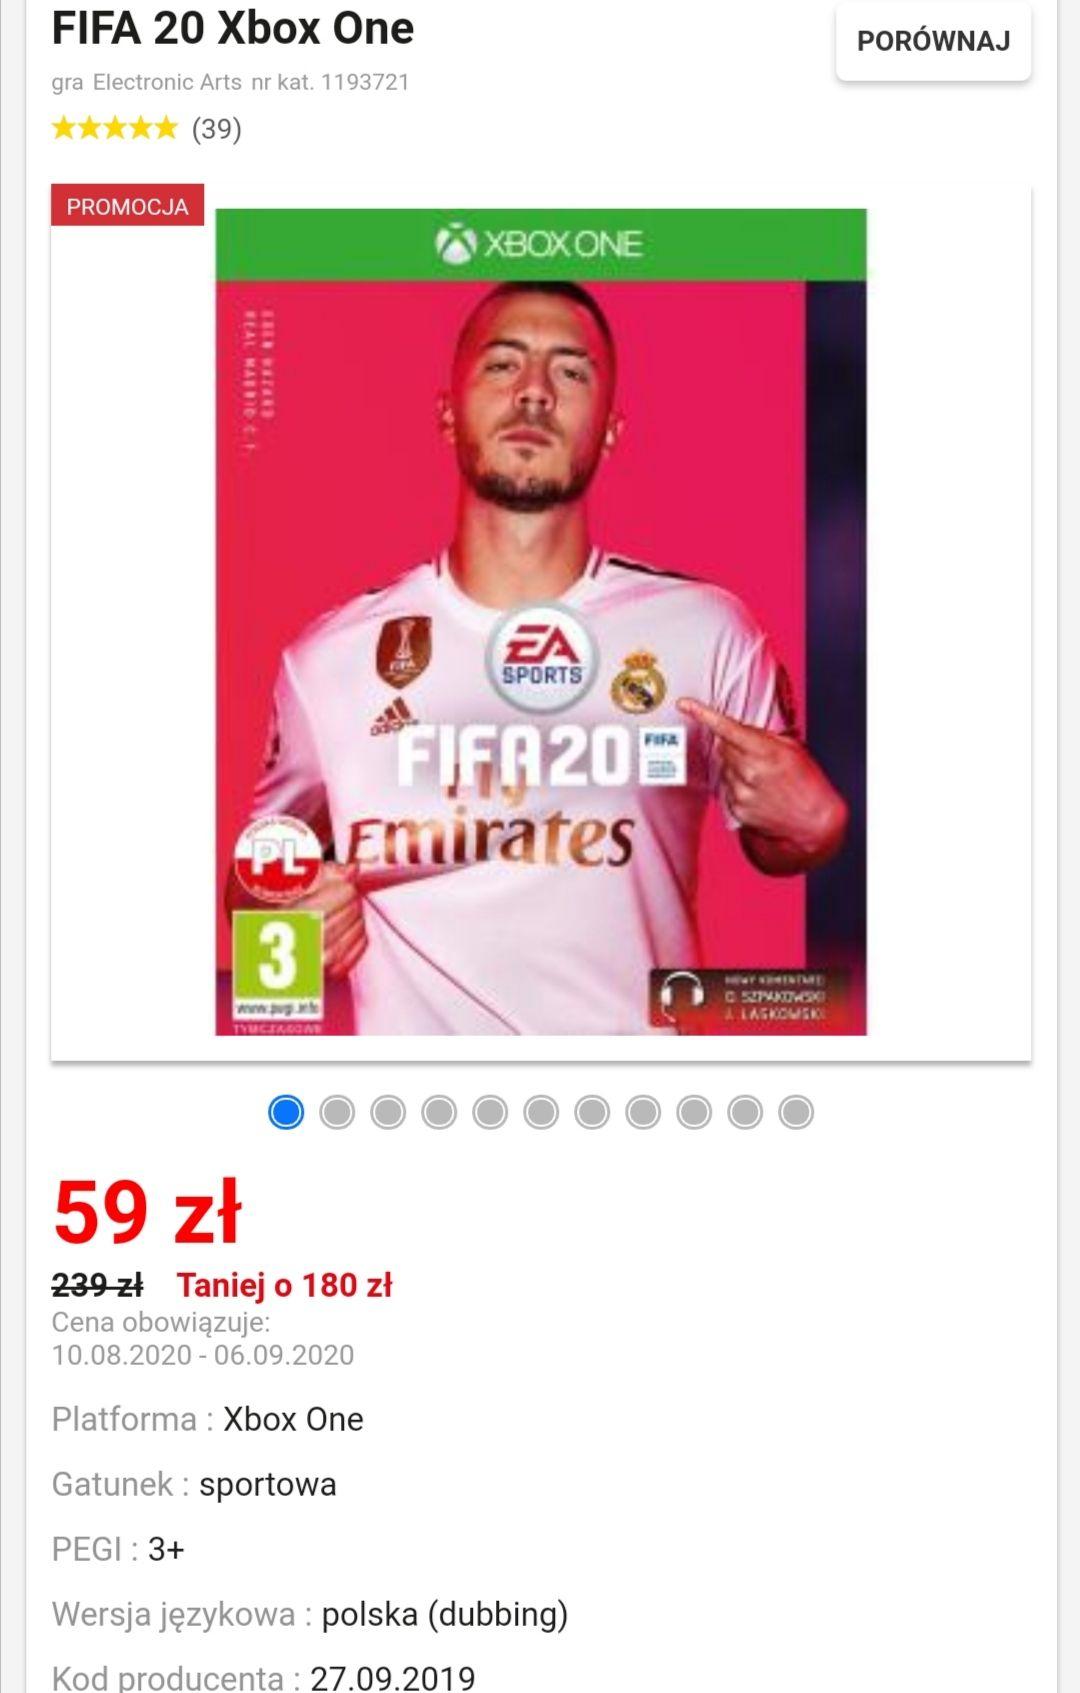 Fifa 20 edycja standardowa - EuroRTV Xbox One